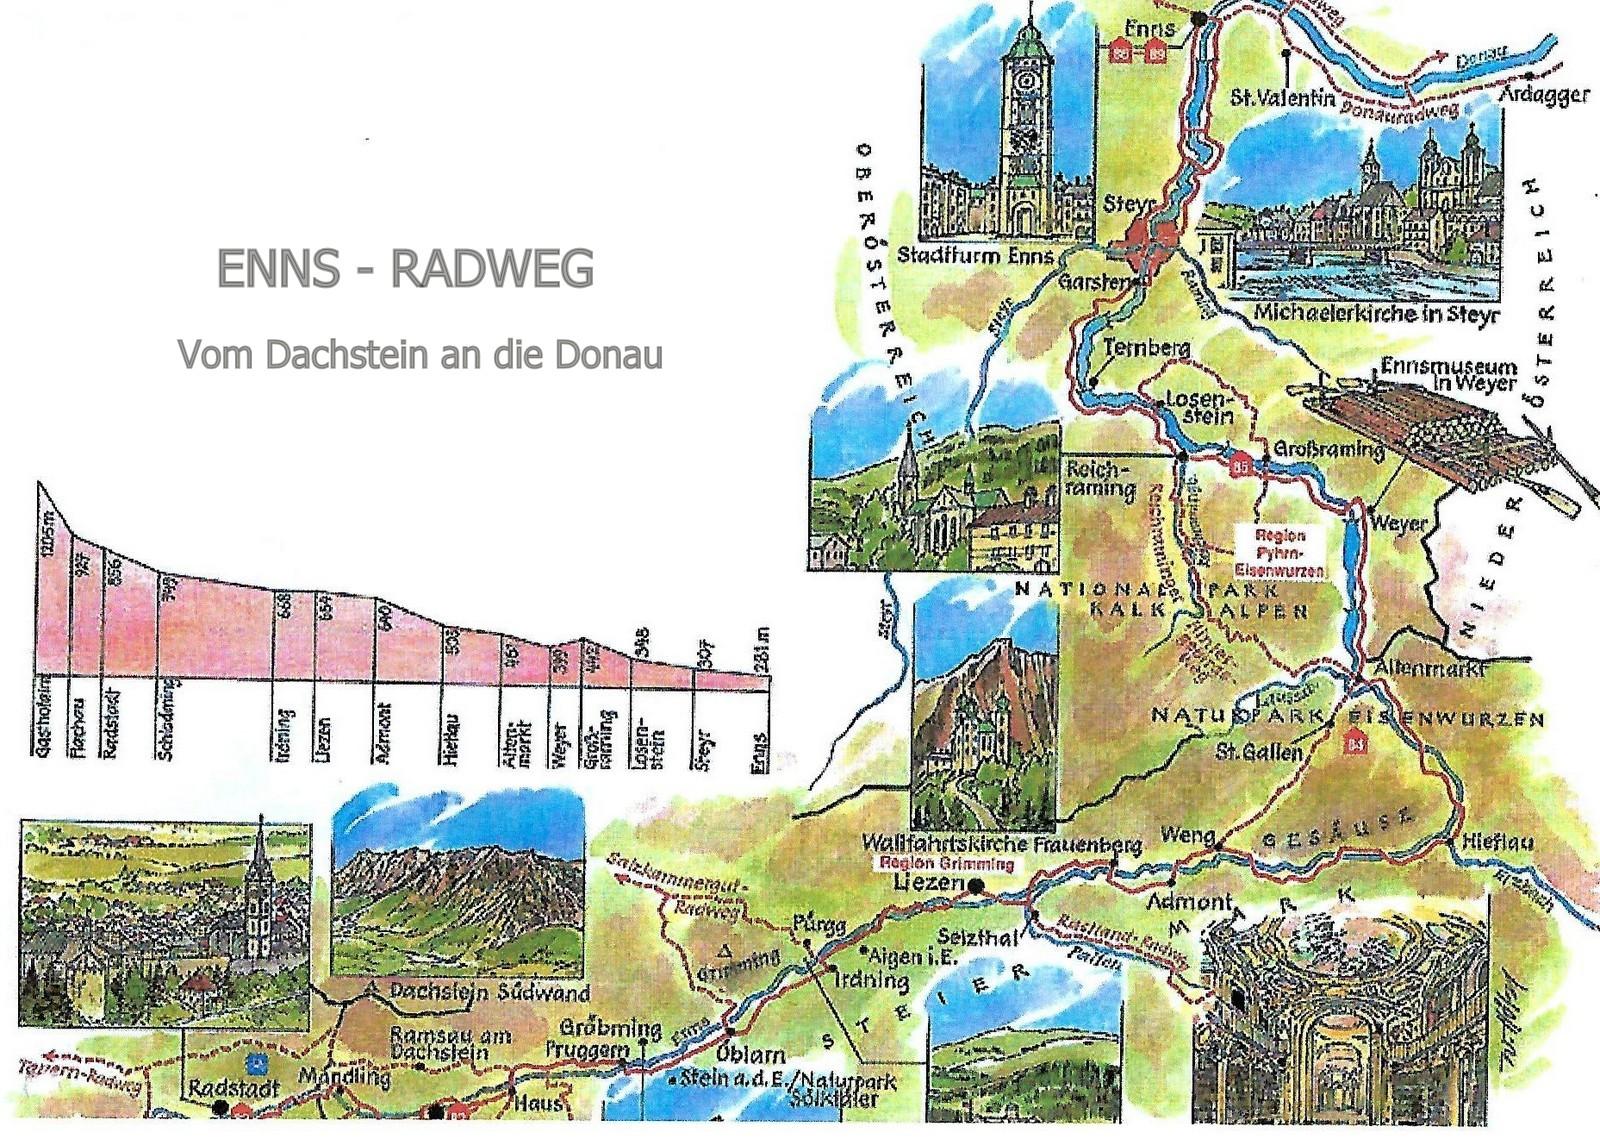 Karte Enns-Radweg